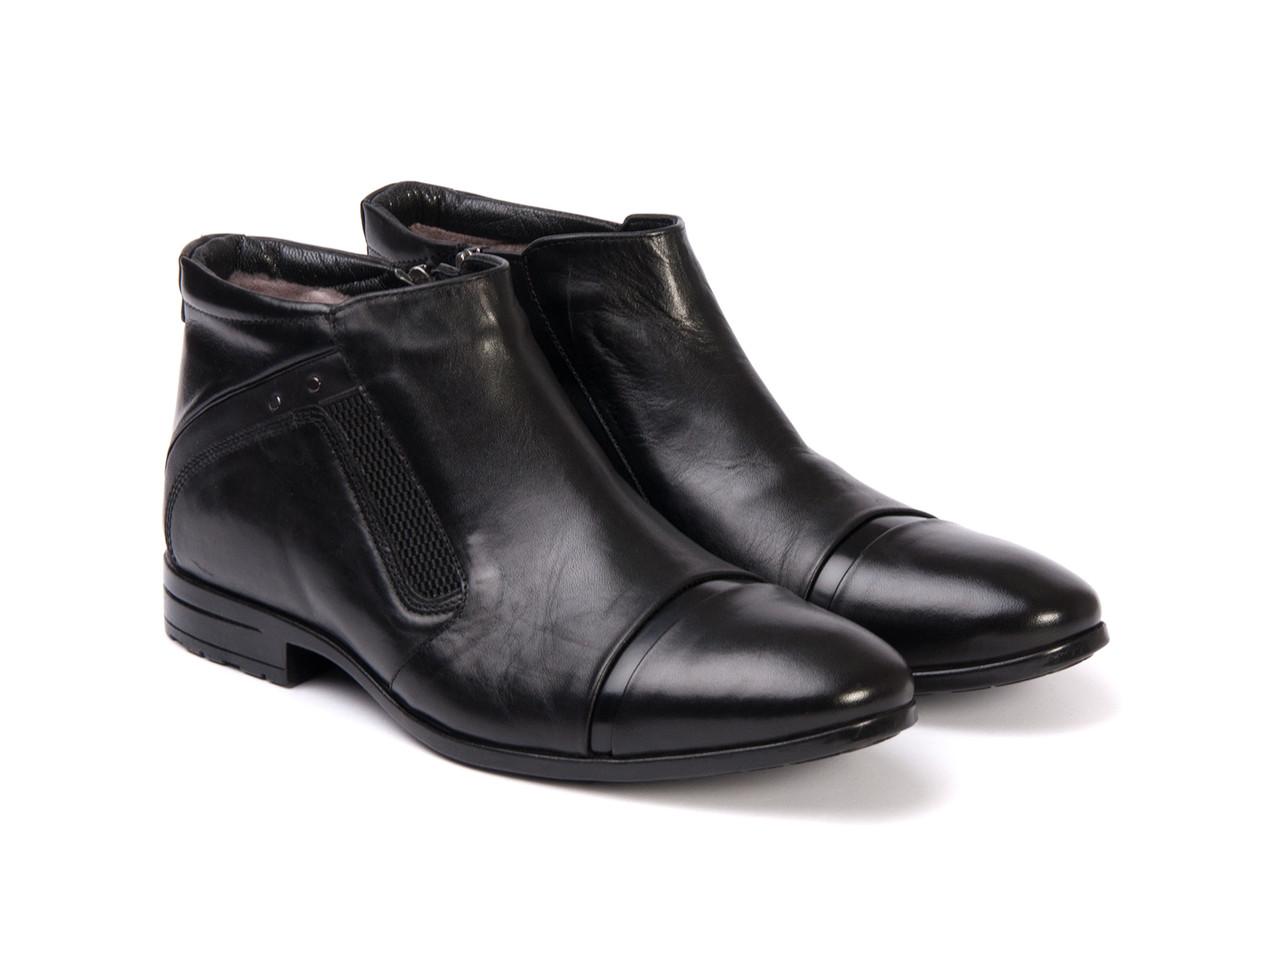 Ботинки Etor 9529-7040 черные